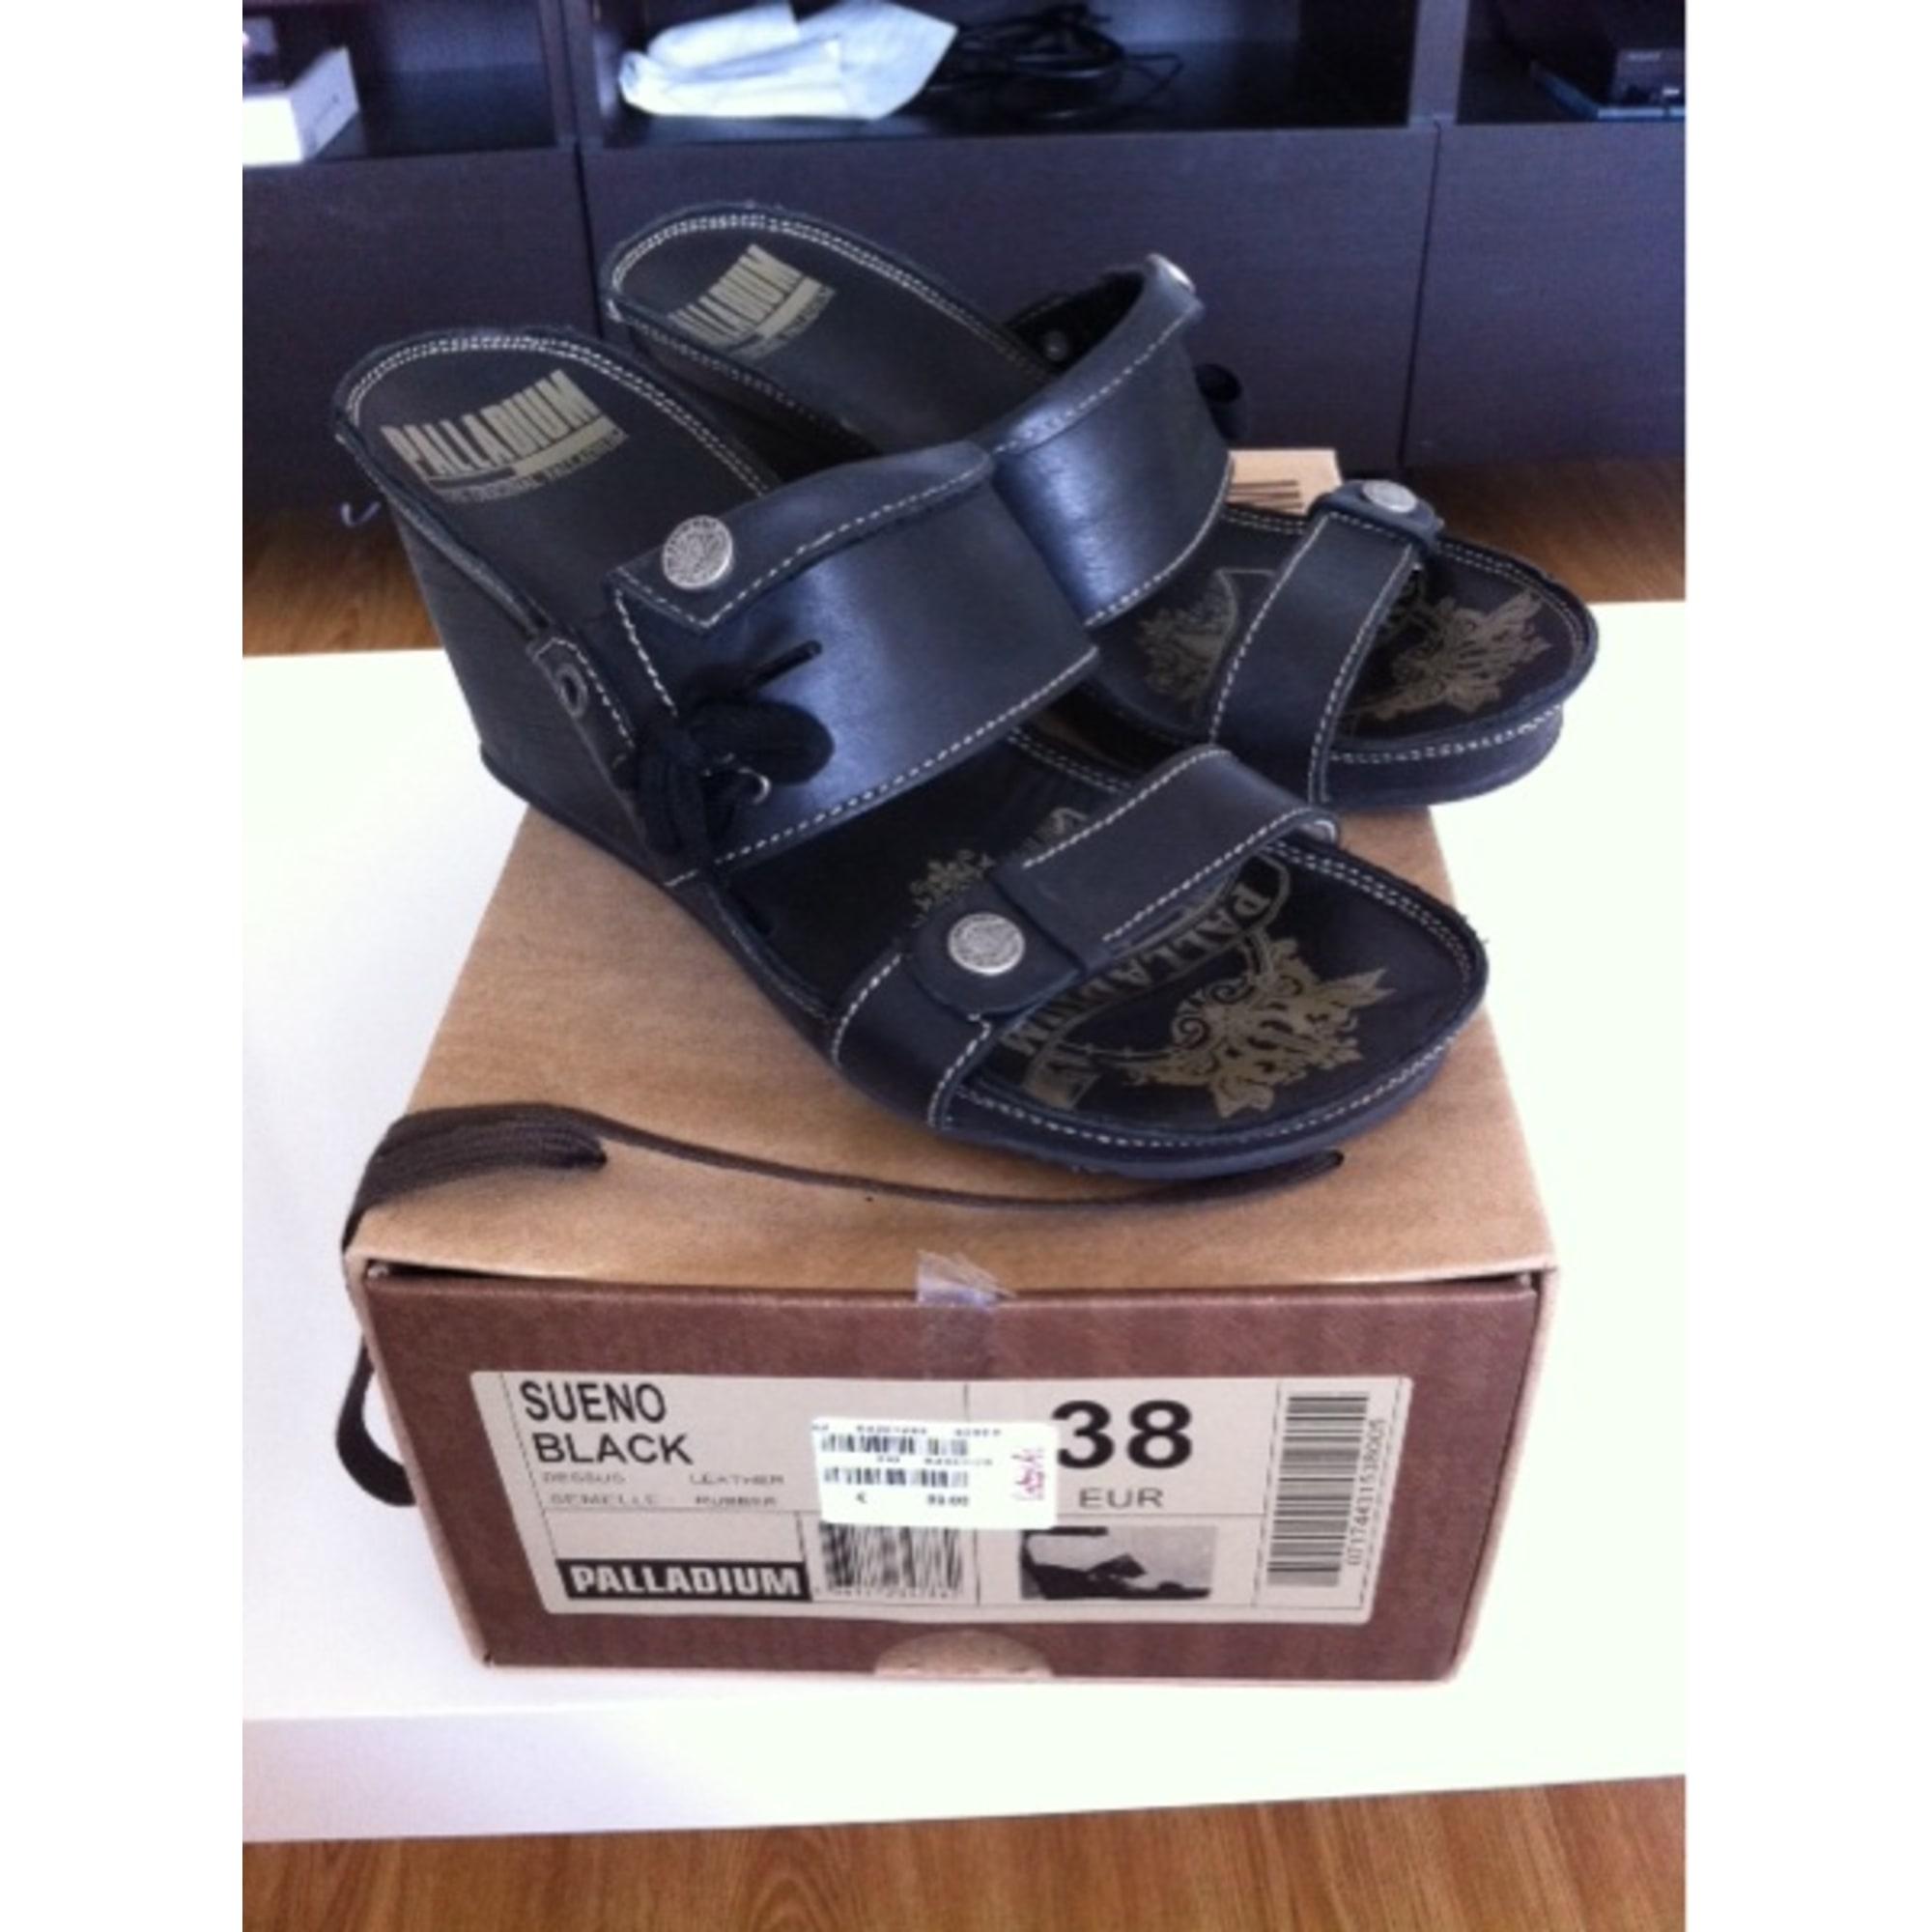 Sandales compensées PALLADIUM 38 noir 2594649